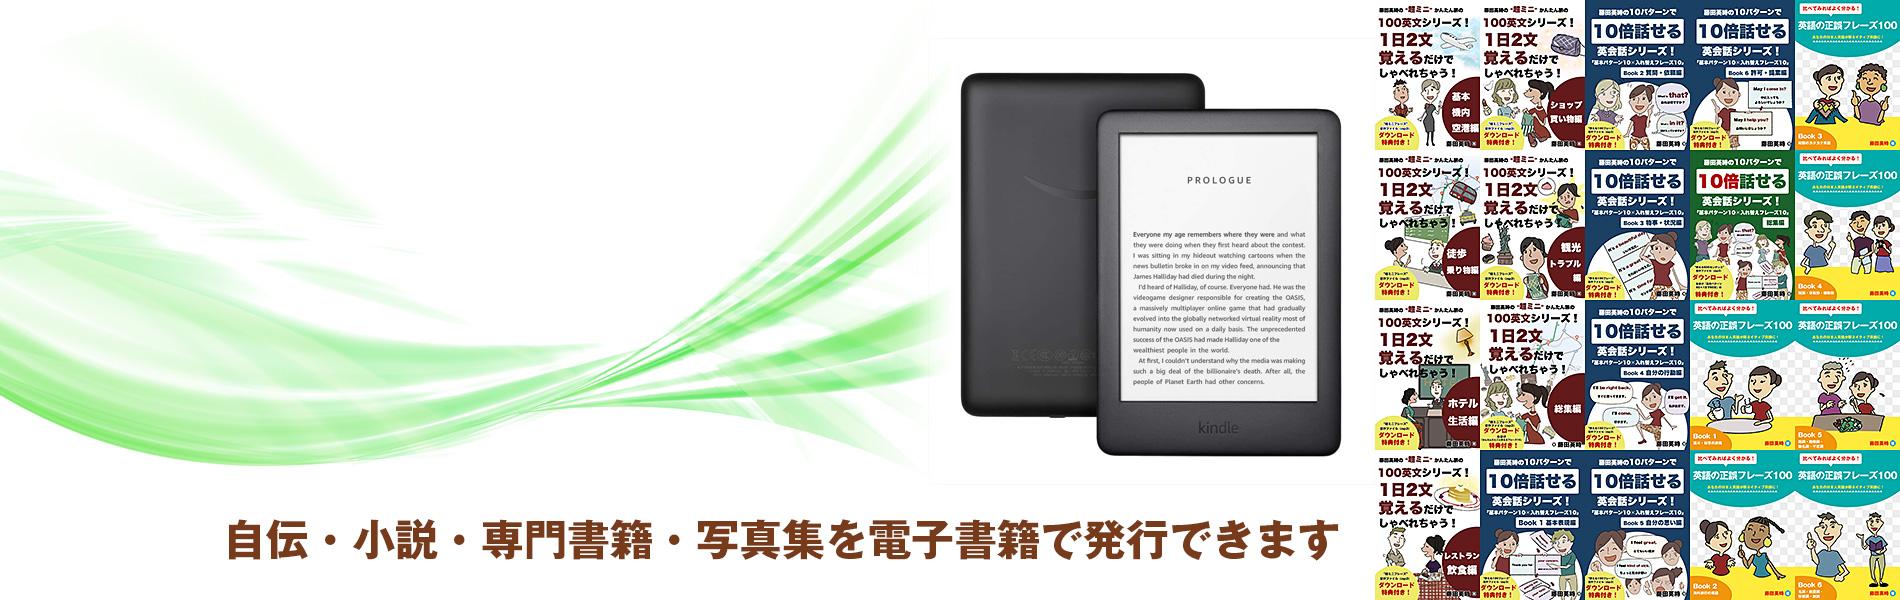 ビジュアートの電子書籍制作・販売